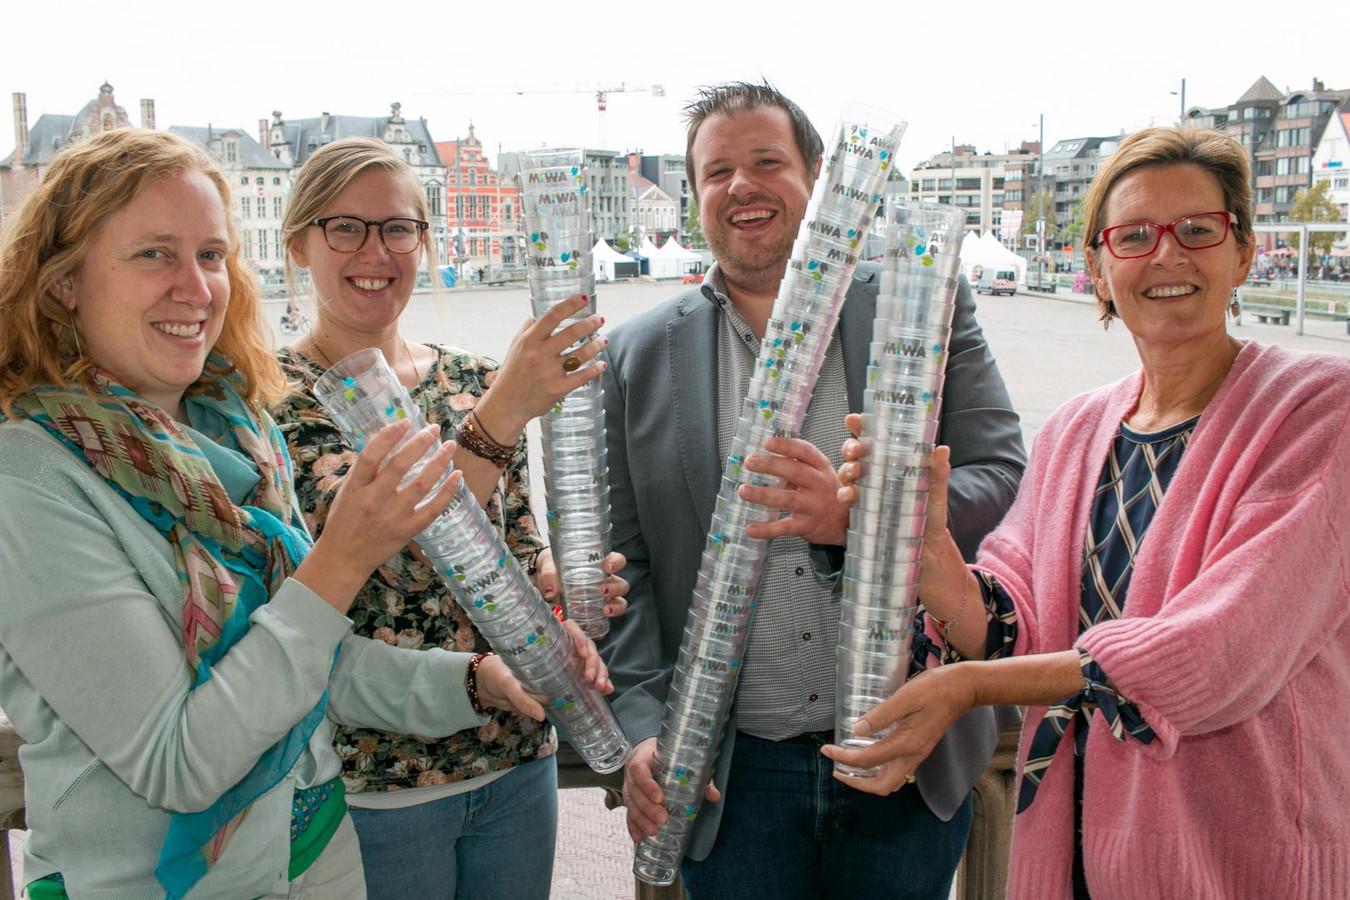 Het stadsfestival Villa Pace gebruikt dit weekend 35.000 herbruikbare bekers.